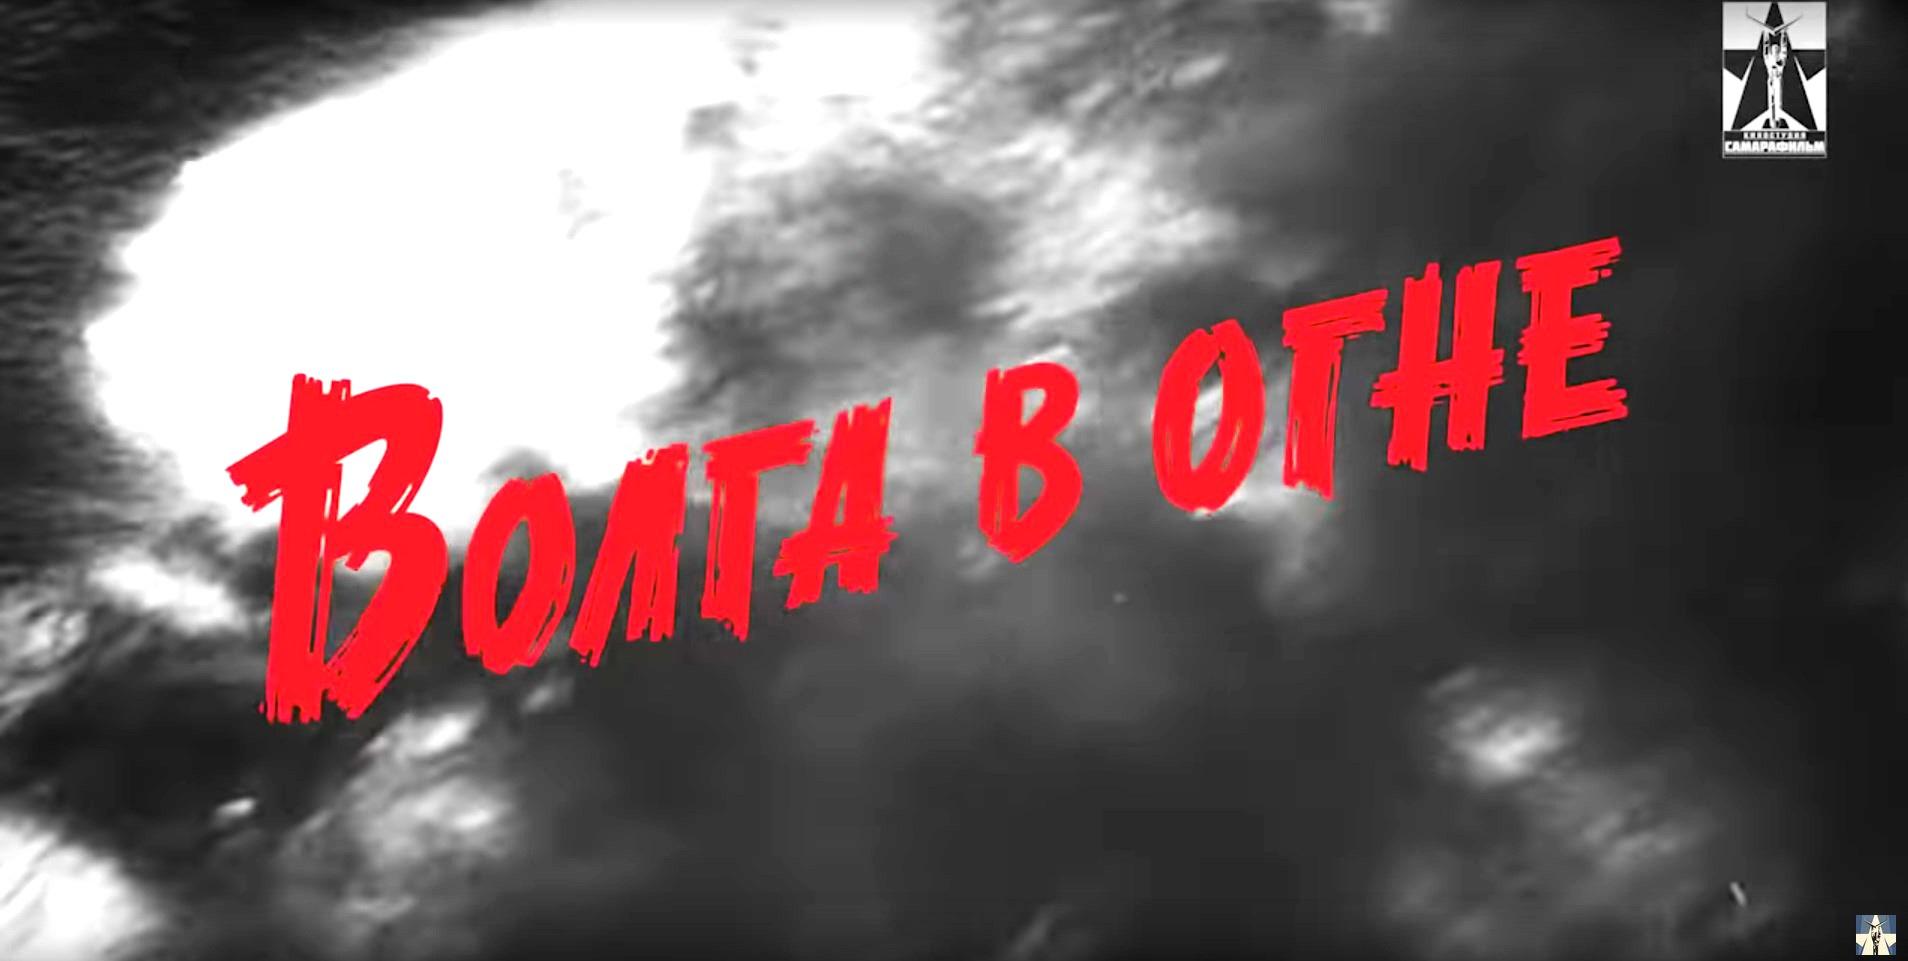 Волга в огне. Фильм